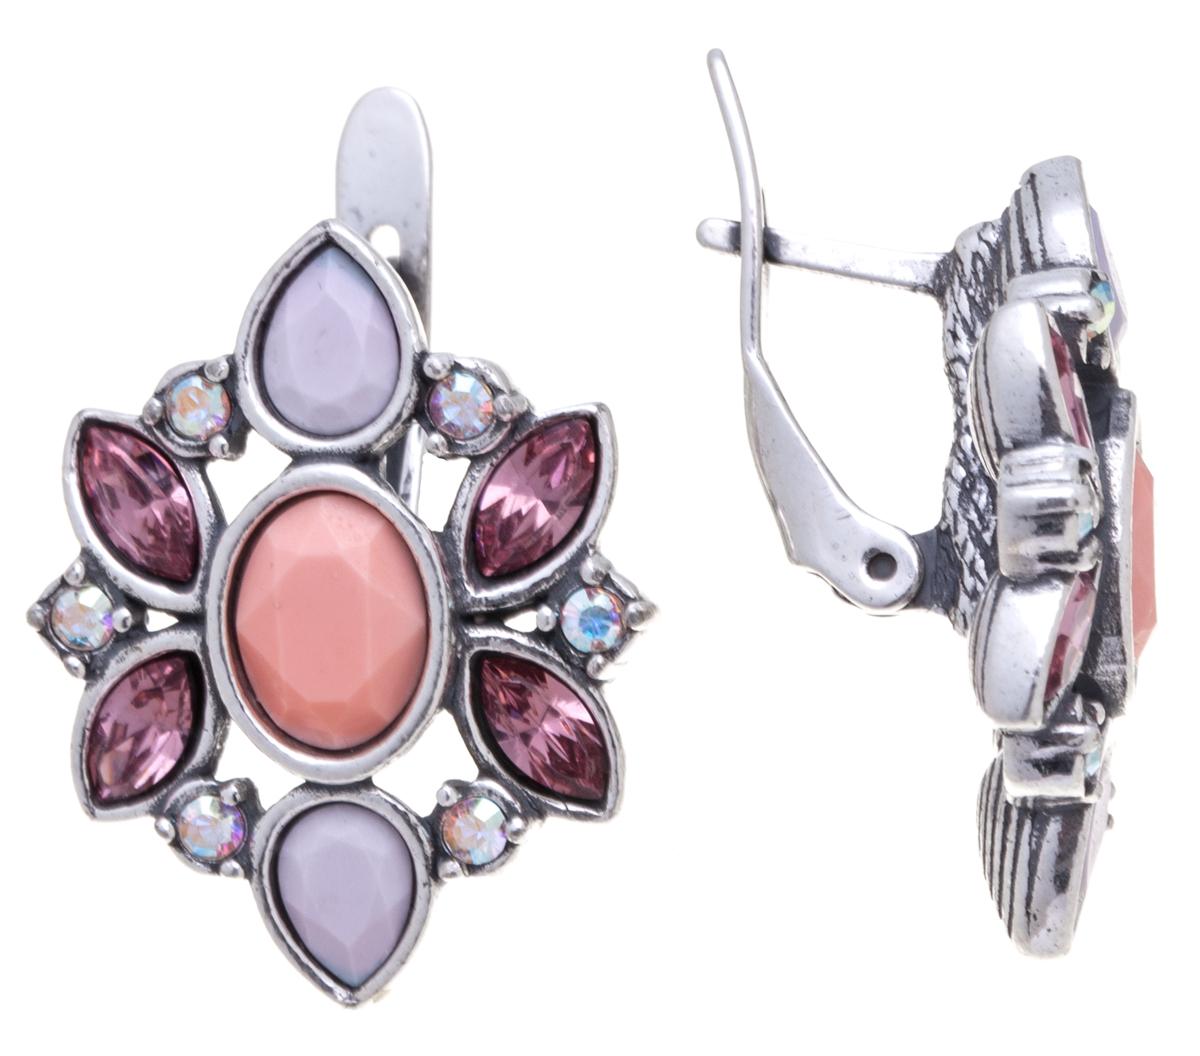 Серьги Jenavi Кангра, цвет: серебряный, розовый. k31631k7k31631k7Элегантные серьги Jenavi Кангра выполнены из ювелирного сплава с антиаллергическим гальваническим покрытием черненым серебром. Изделие оформлено сверкающими кристаллами Swarovski. Серьги застегиваются на удобную английскую застежку, которая эстетично включается в дизайн украшения. Изысканные серьги станут модным аксессуаром как для повседневного, так и для вечернего наряда, они подчеркнет вашу индивидуальность и неповторимый стиль, и помогут создать незабываемый уникальный образ.